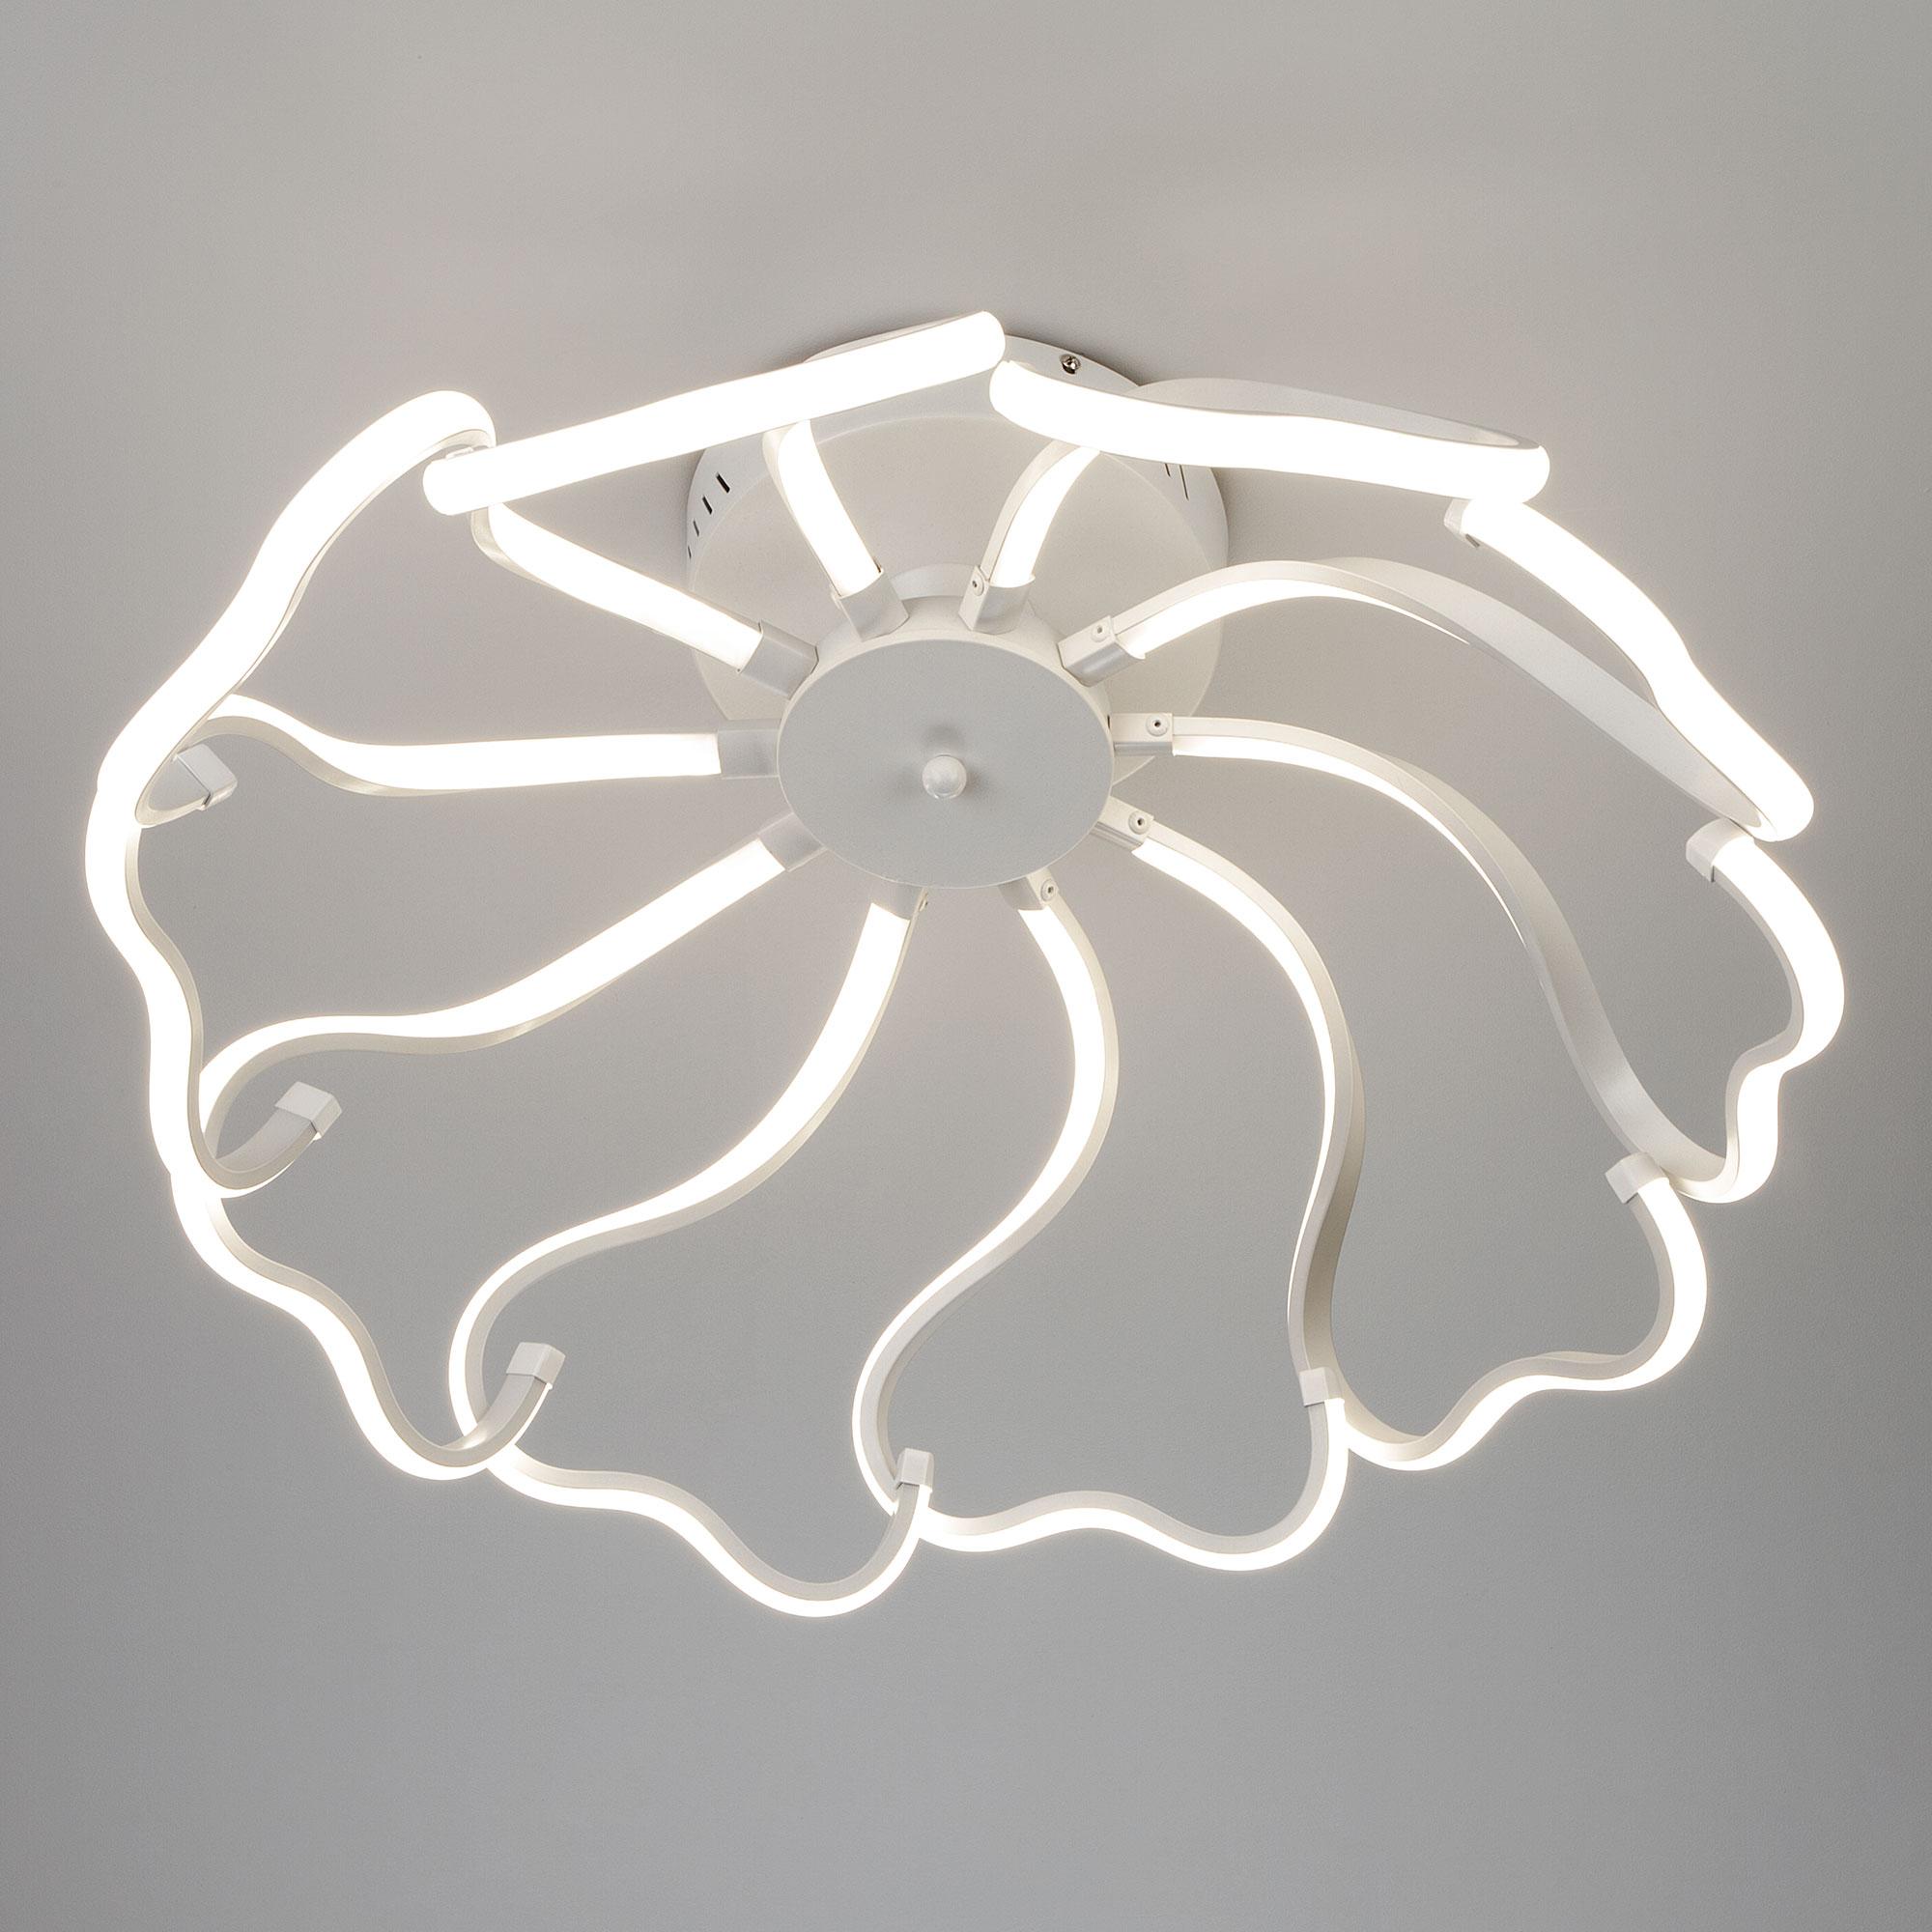 Потолочный светодиодный светильник Eurosvet Begonia 90095/10 белый